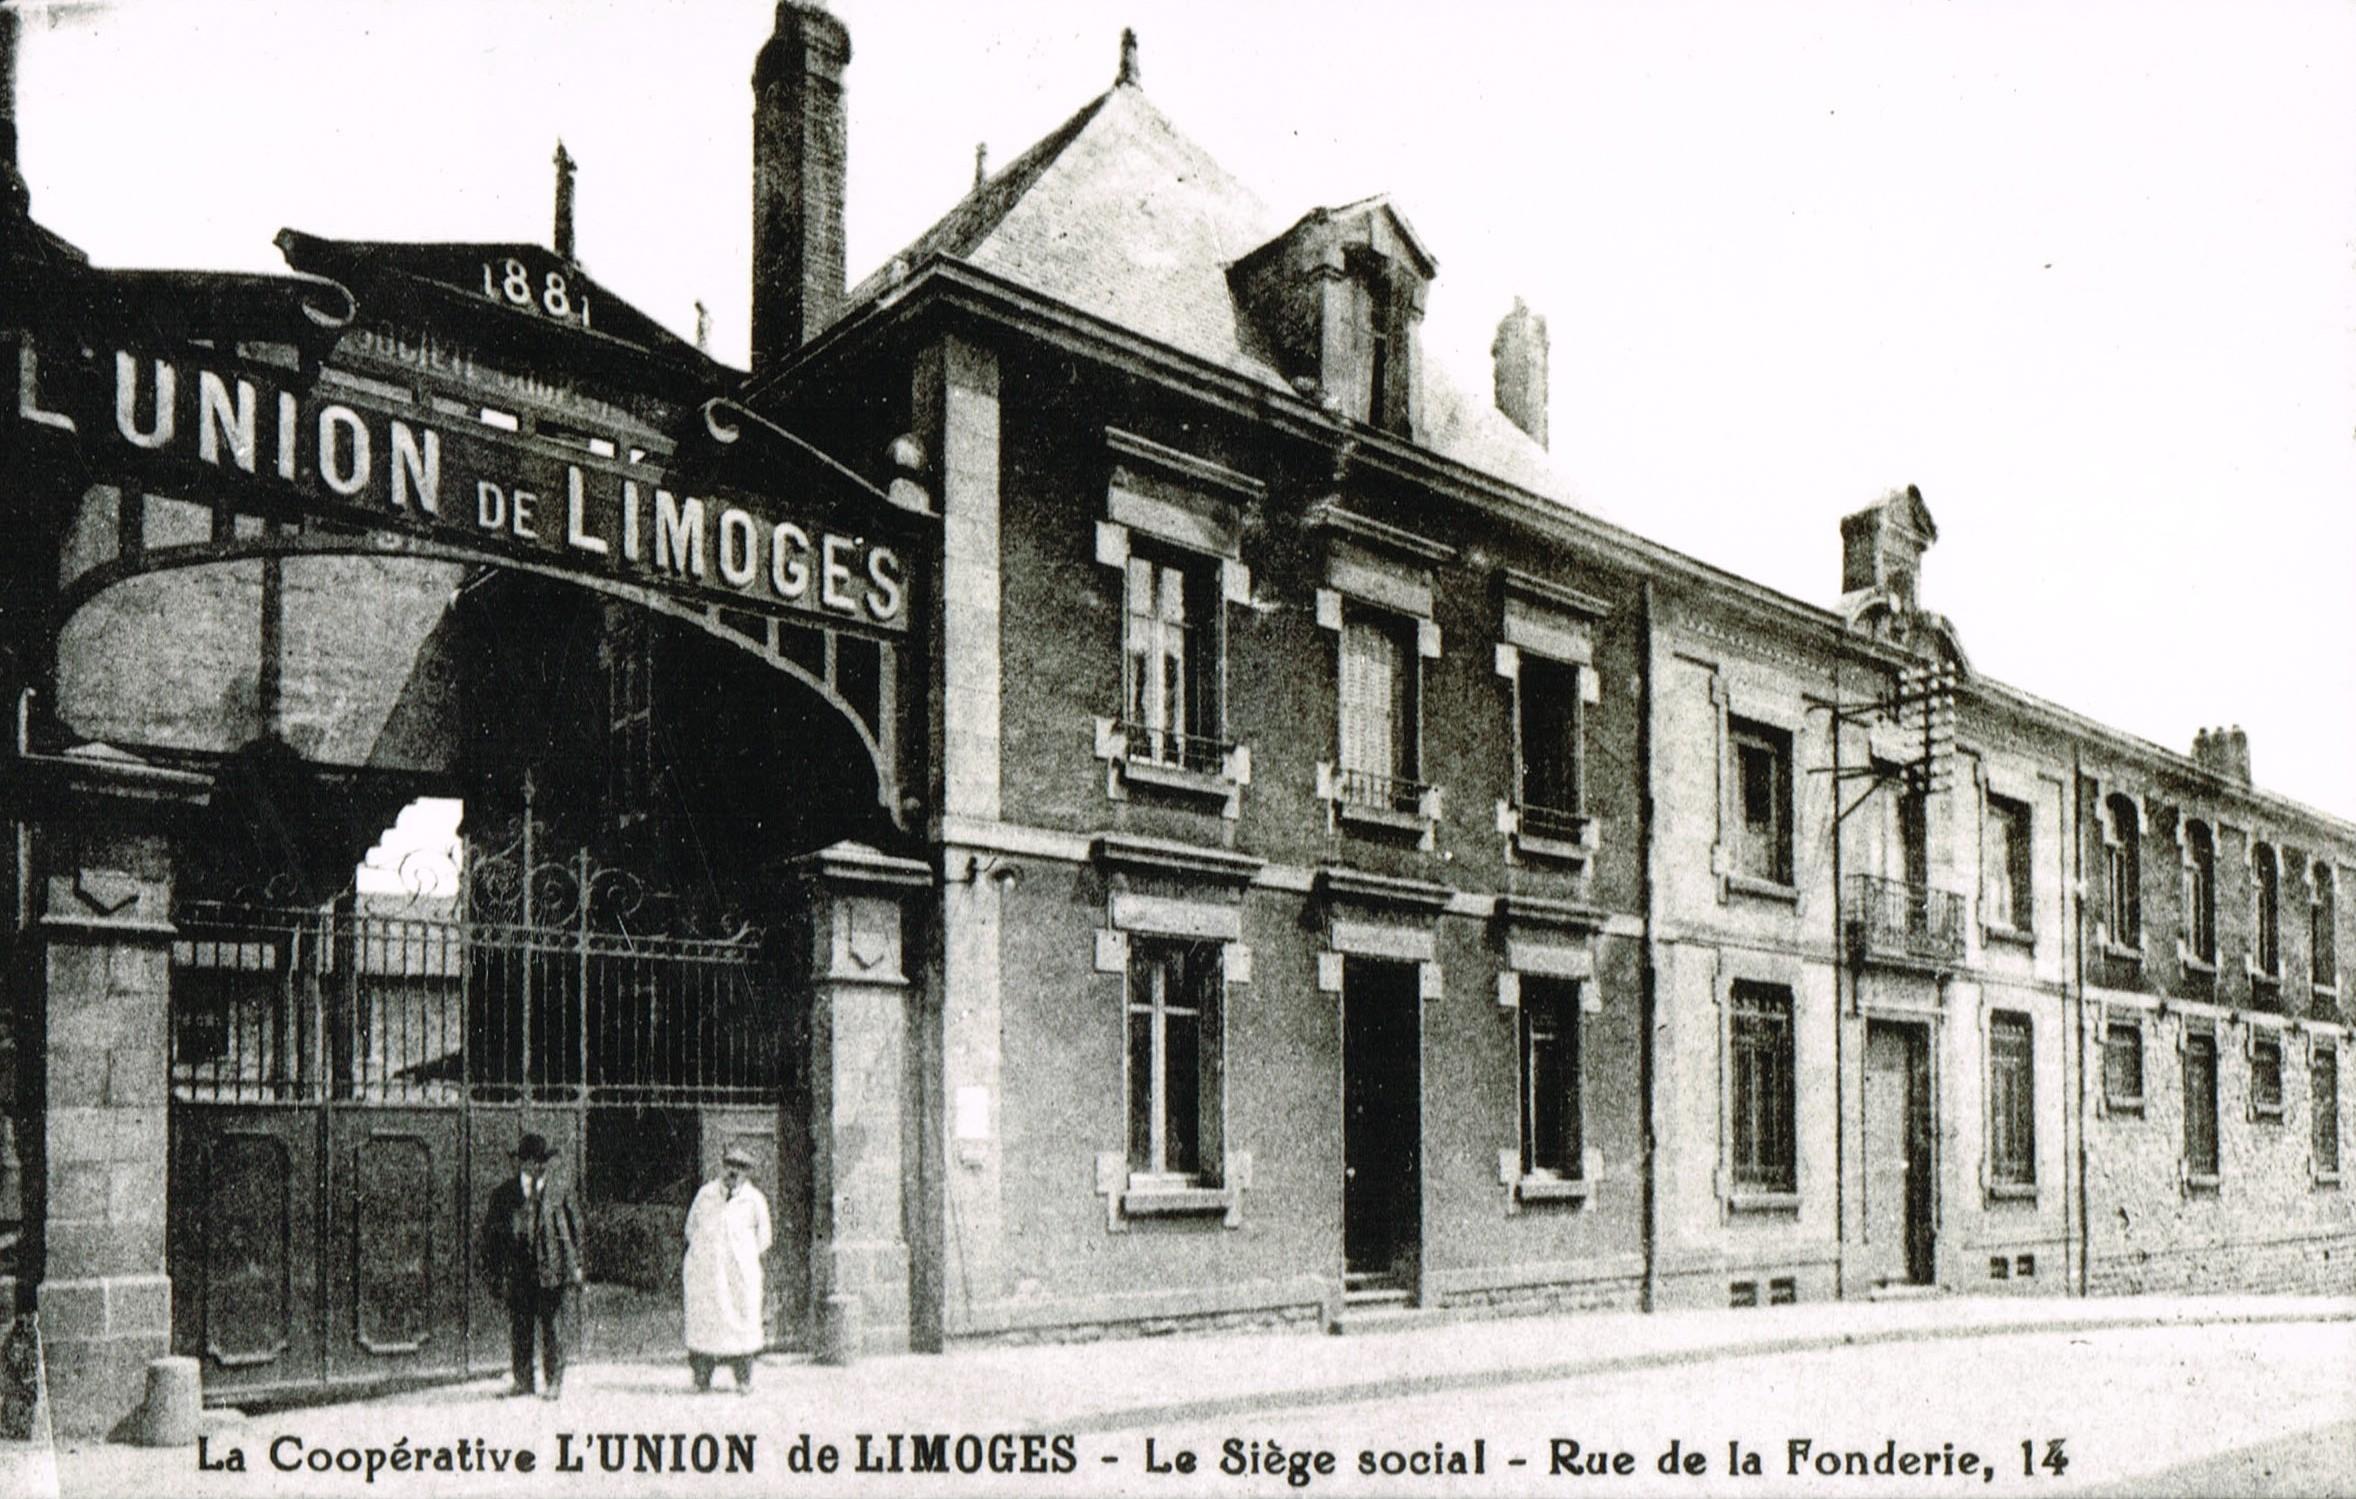 Union de Limoges